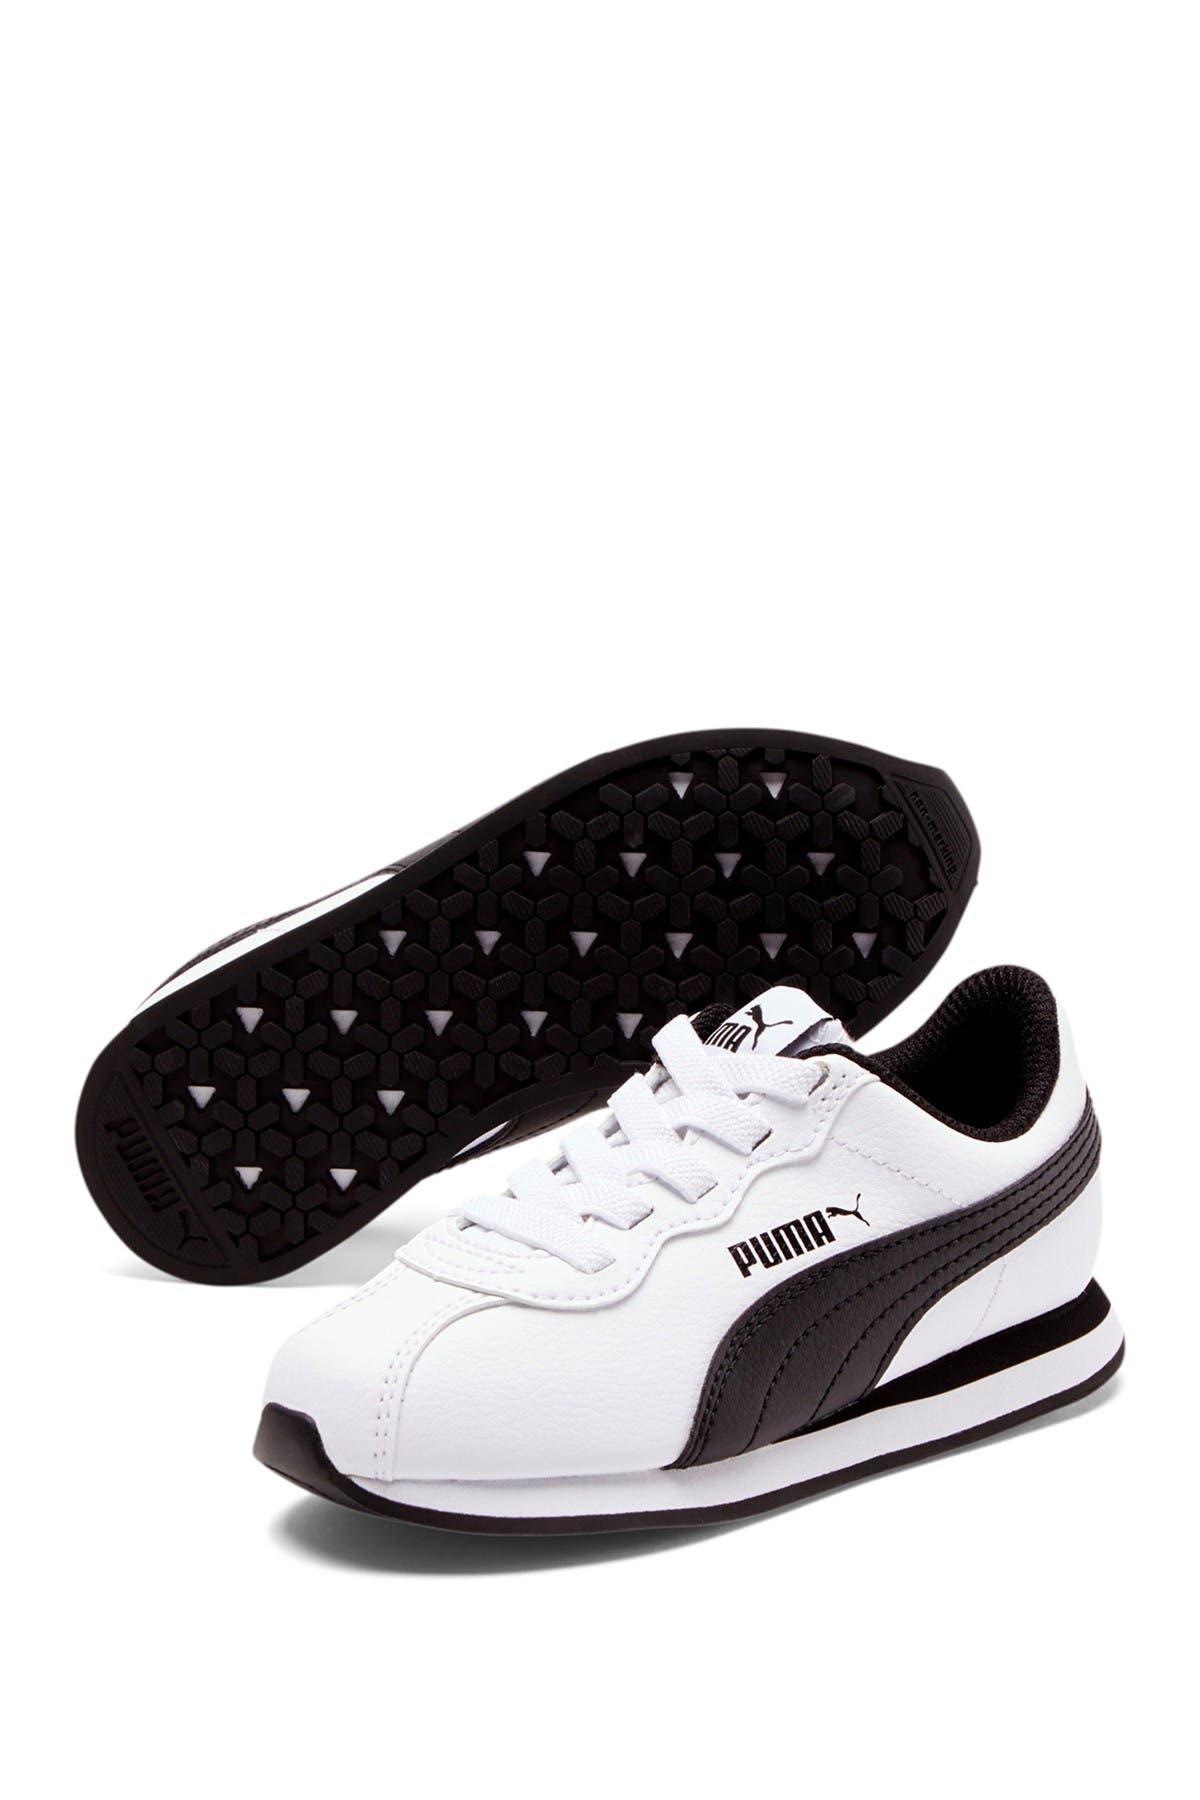 Image of PUMA Turin II AC Sneaker